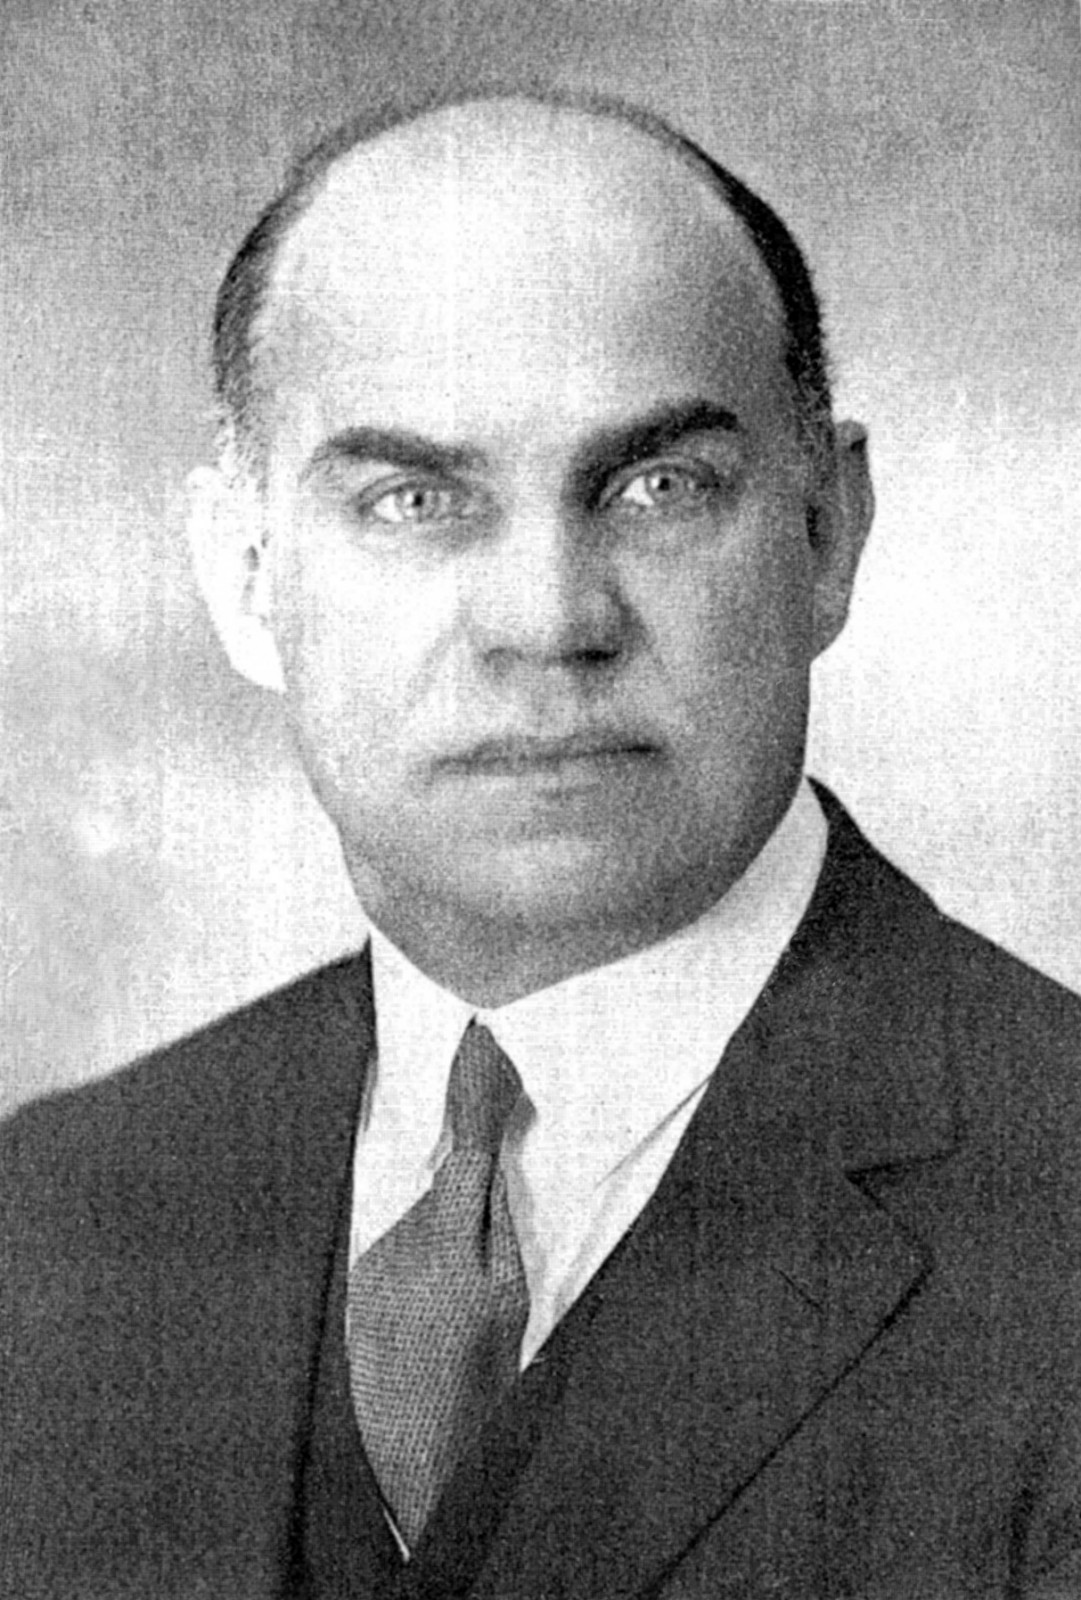 1 il. E. Galvanauskas – Prekybos instituto rektorius (Prekybos institutas Klaipėdoje. Klaipėda, 1937)